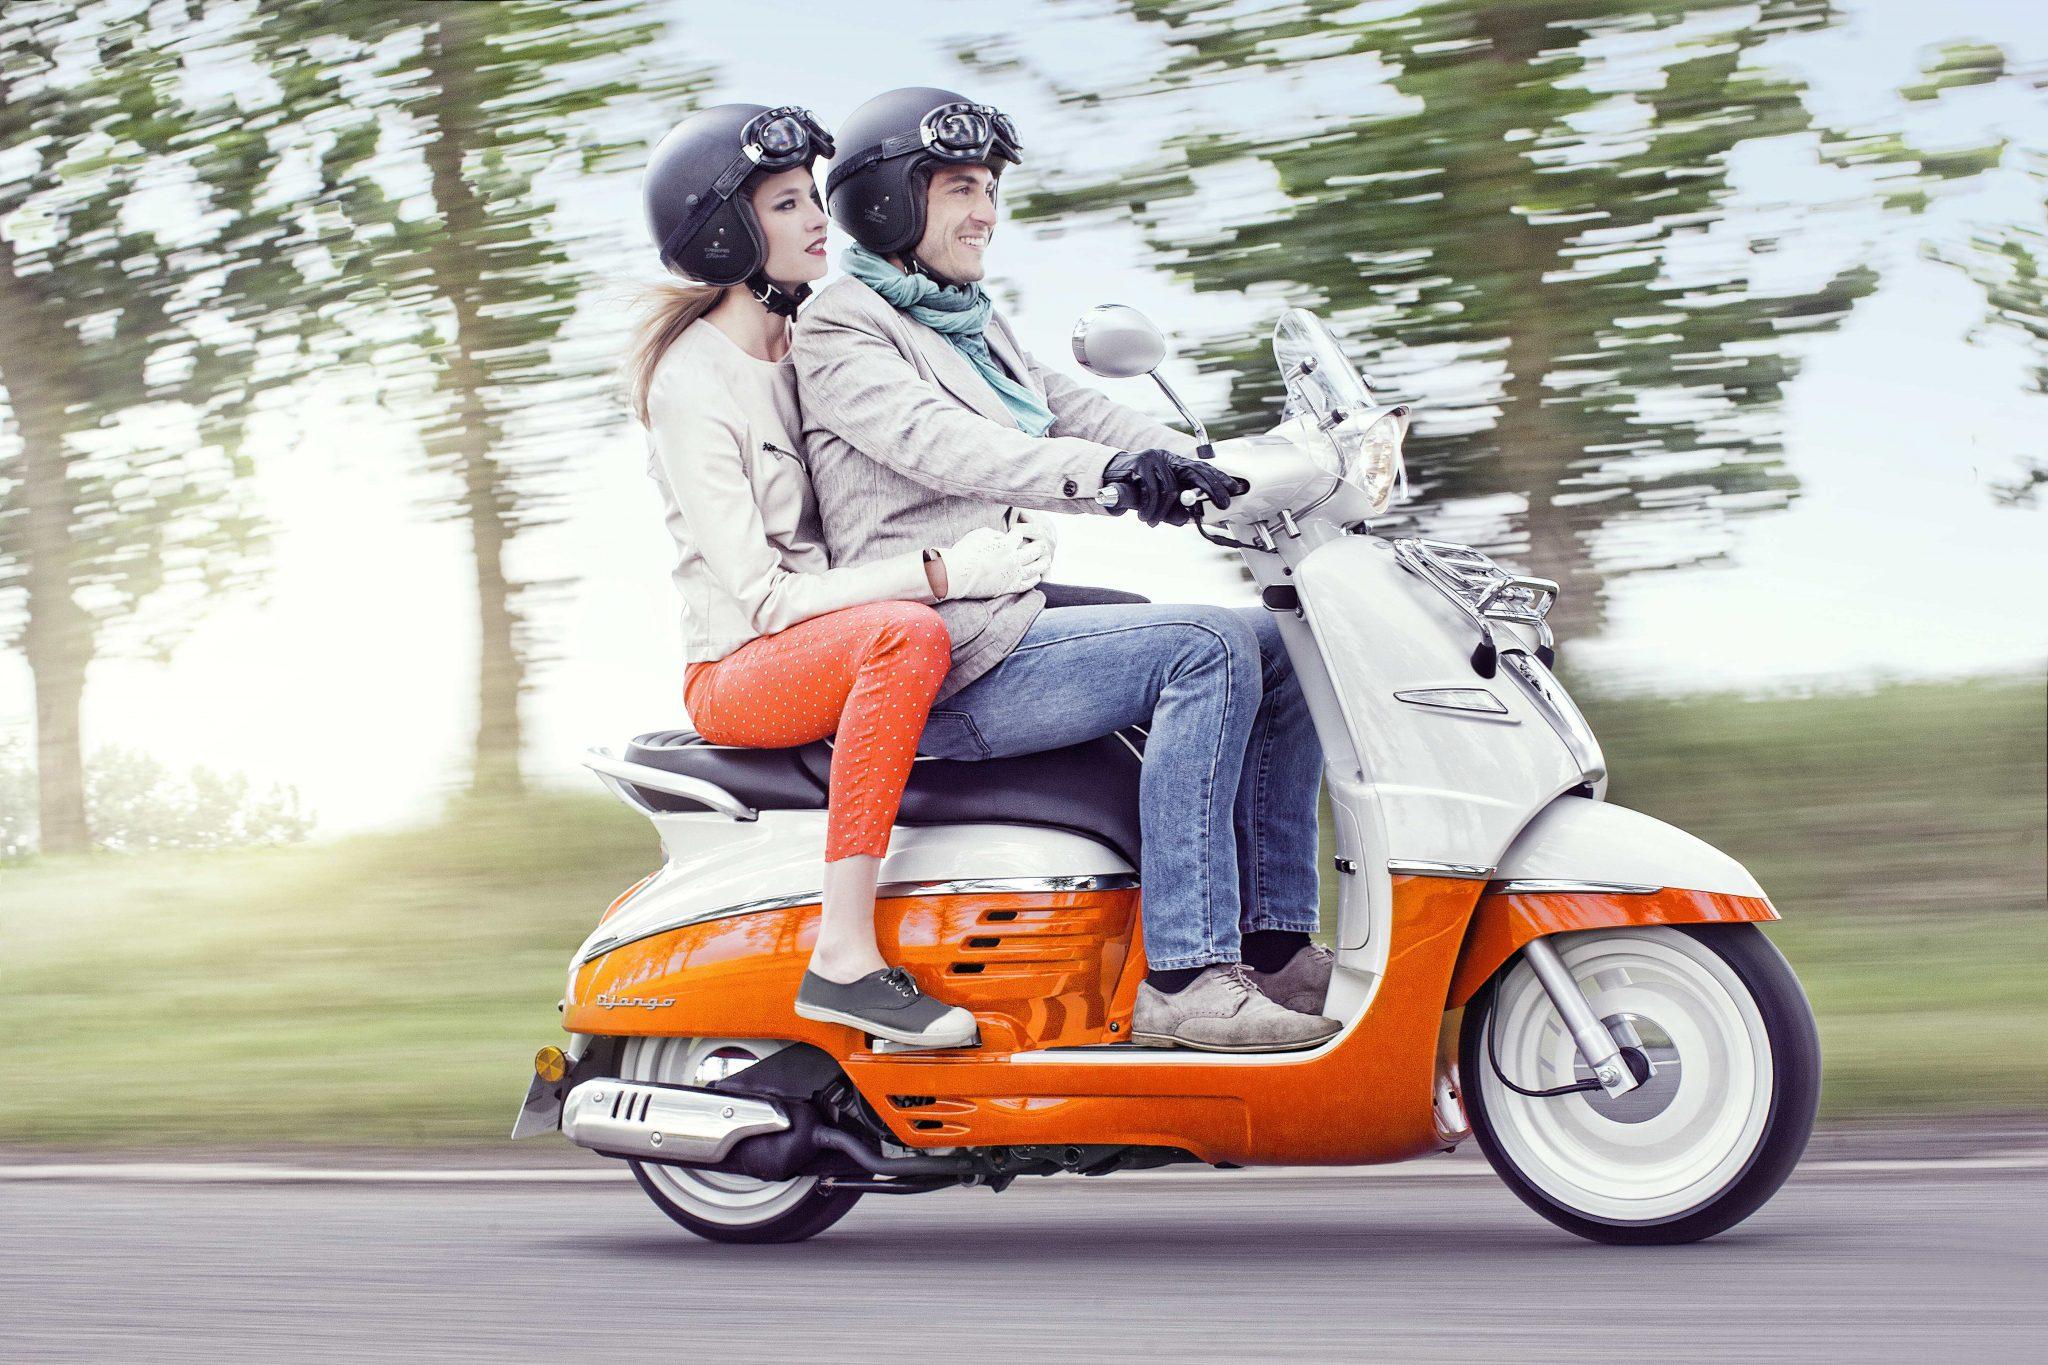 Altijd al eens op een SYM of Peugeot scooter willen rijden?